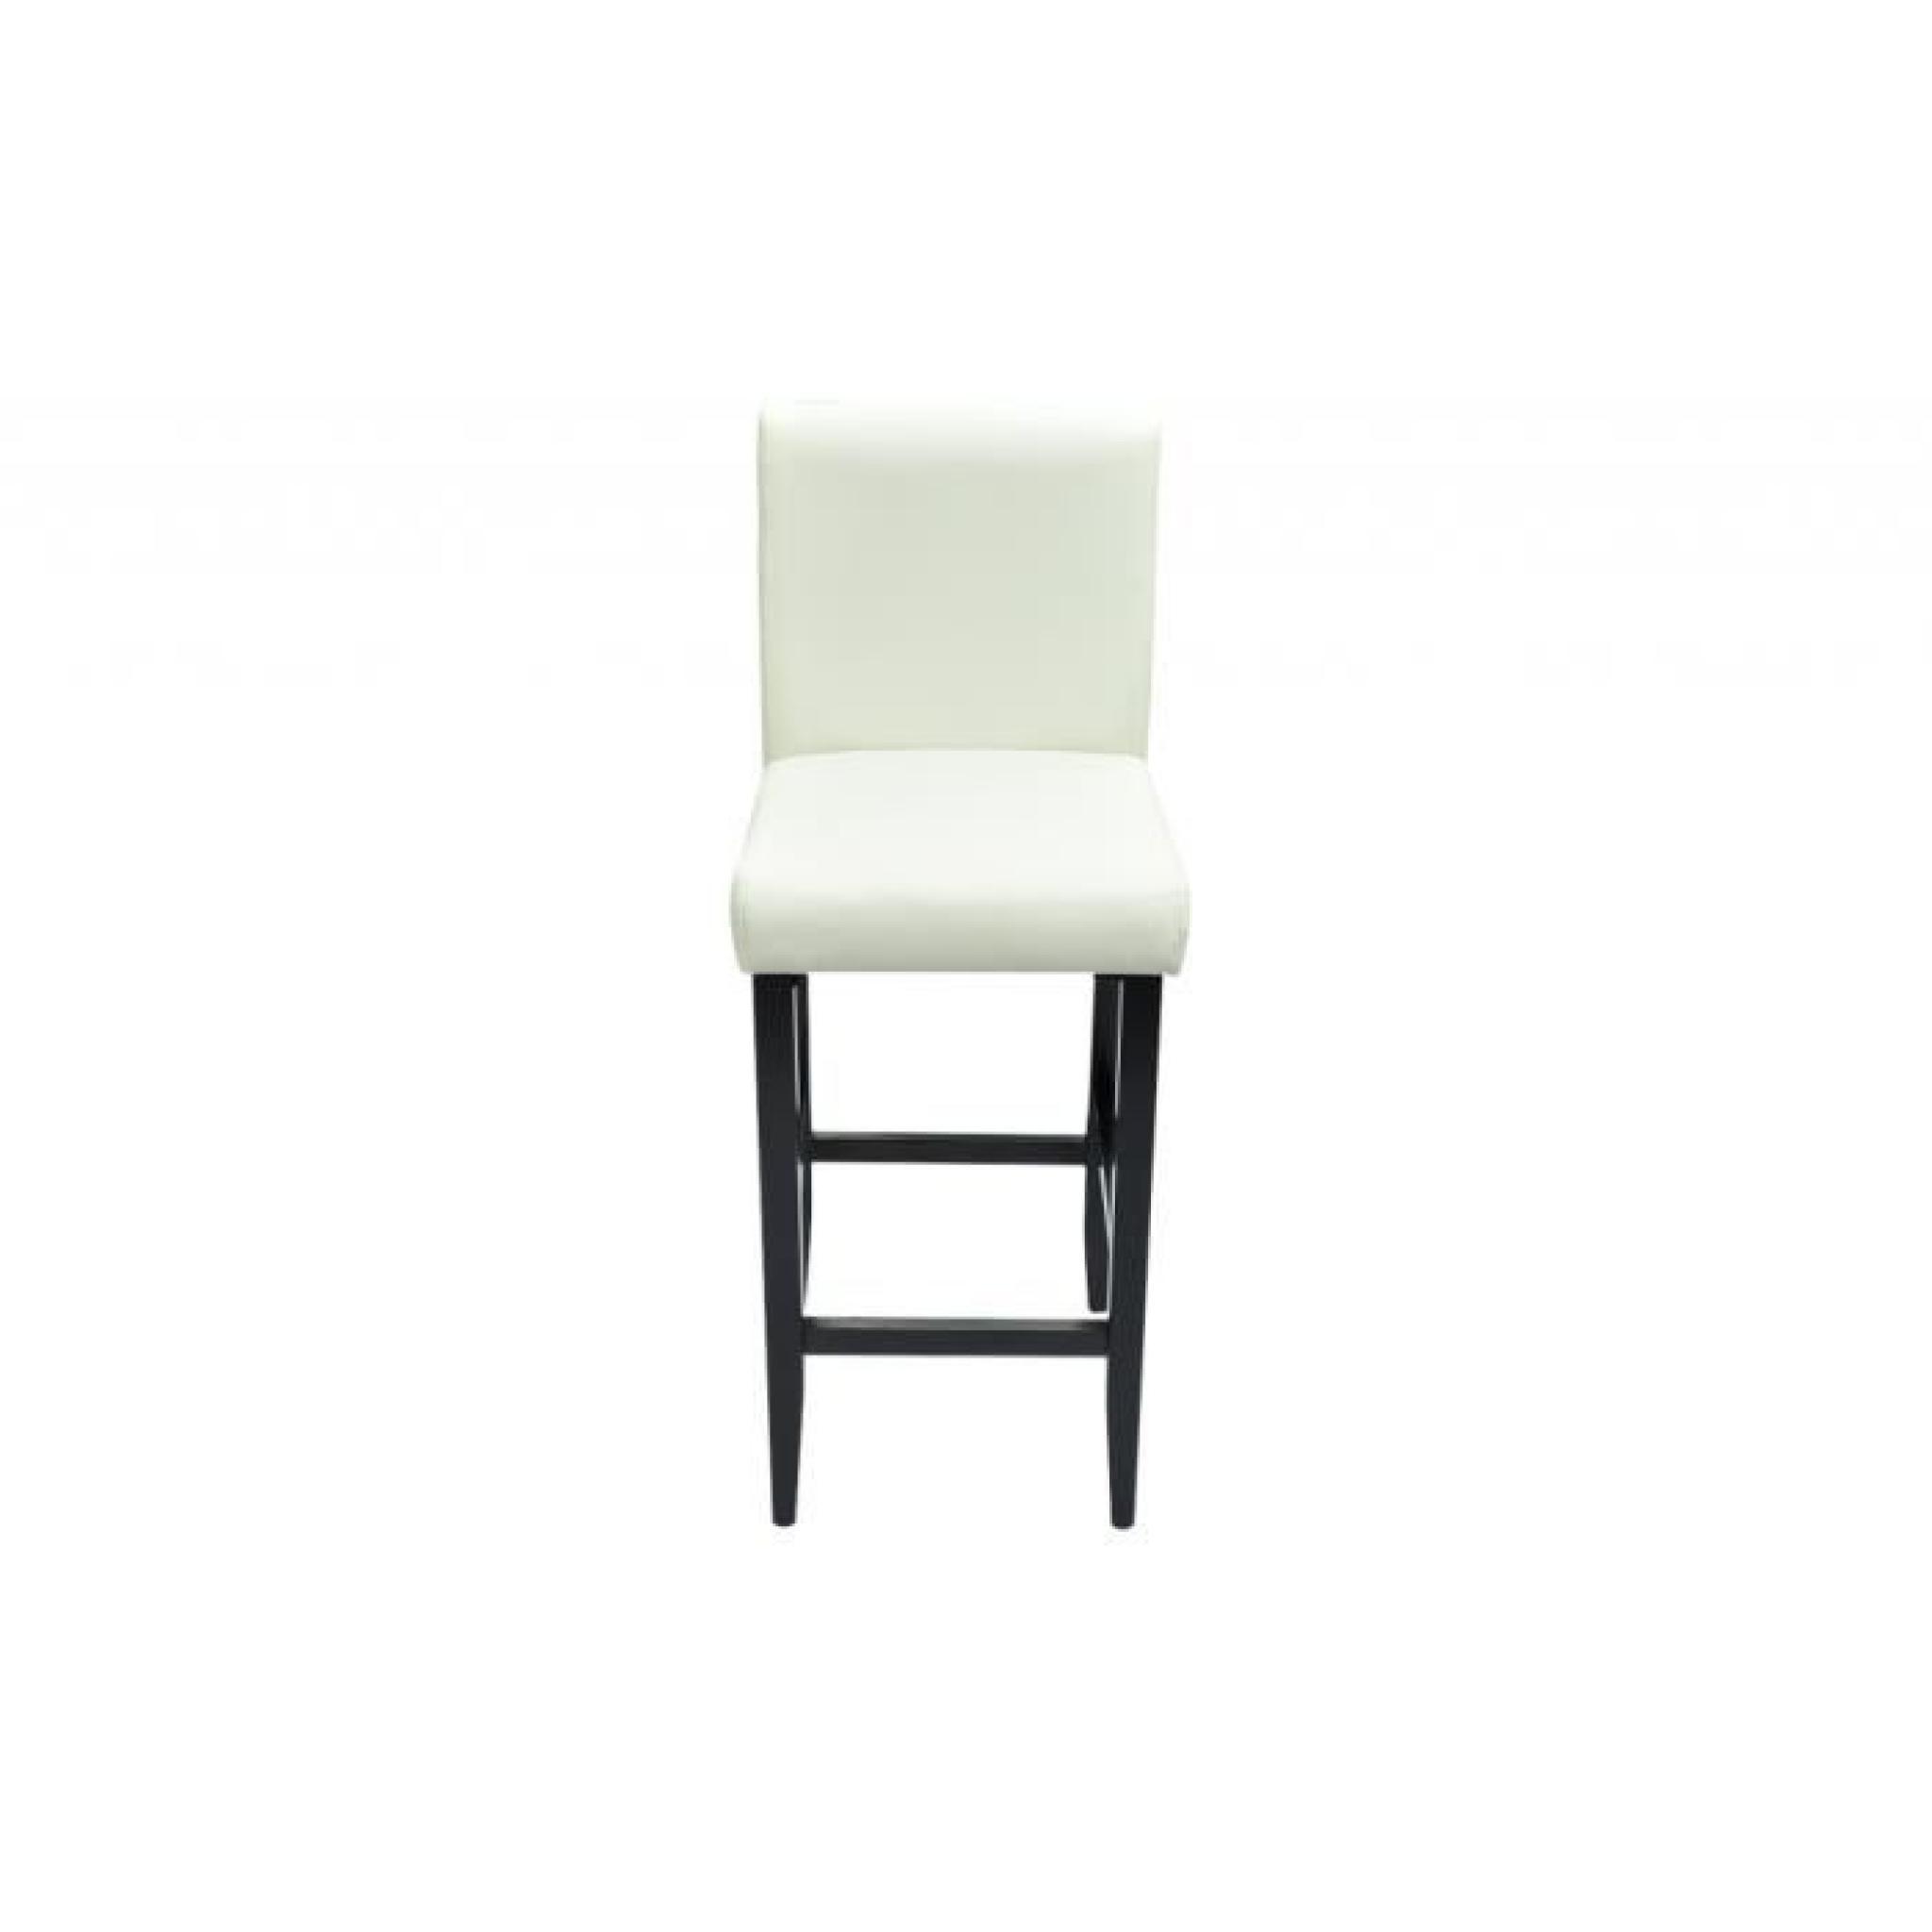 lot de 4 tabourets de bar chicago blanc achat vente tabouret de bar pas cher couleur et. Black Bedroom Furniture Sets. Home Design Ideas